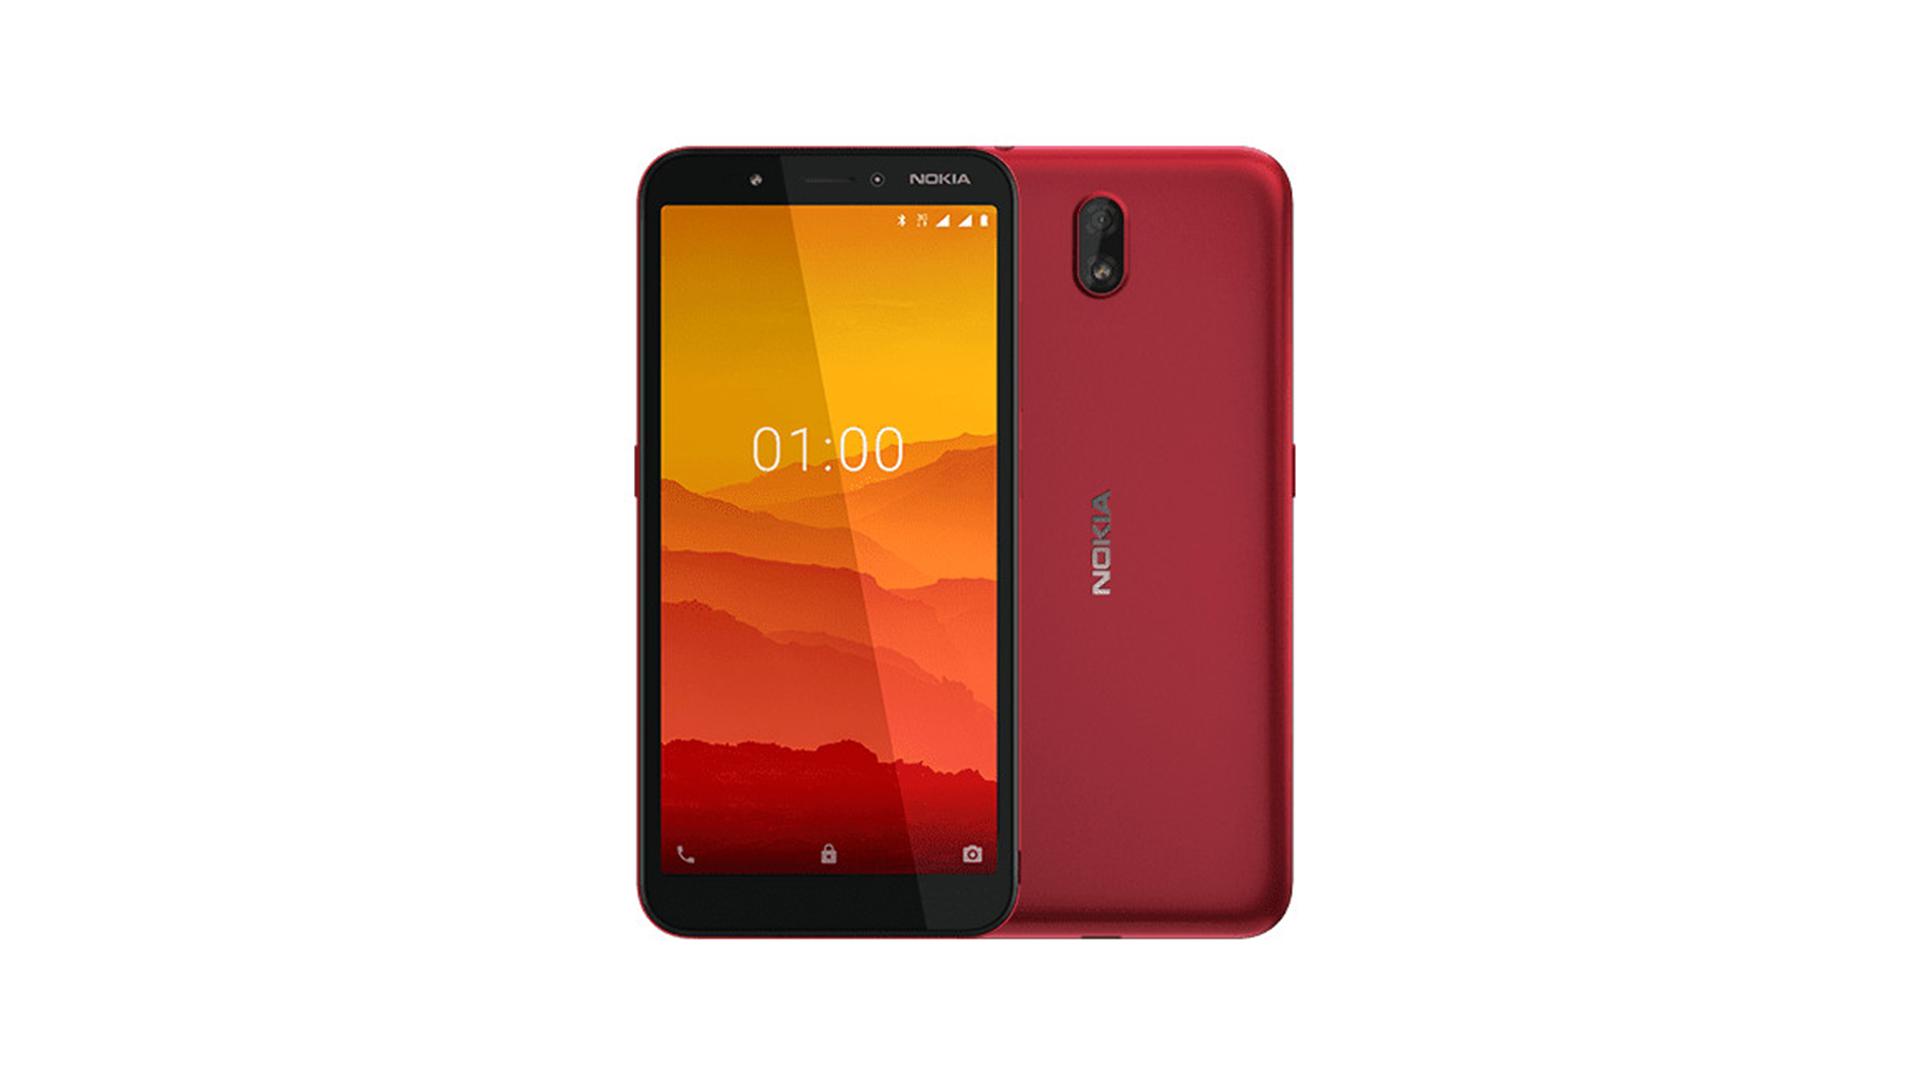 Nokia C1 è il nuovo smartphone Android al costo di appena 50